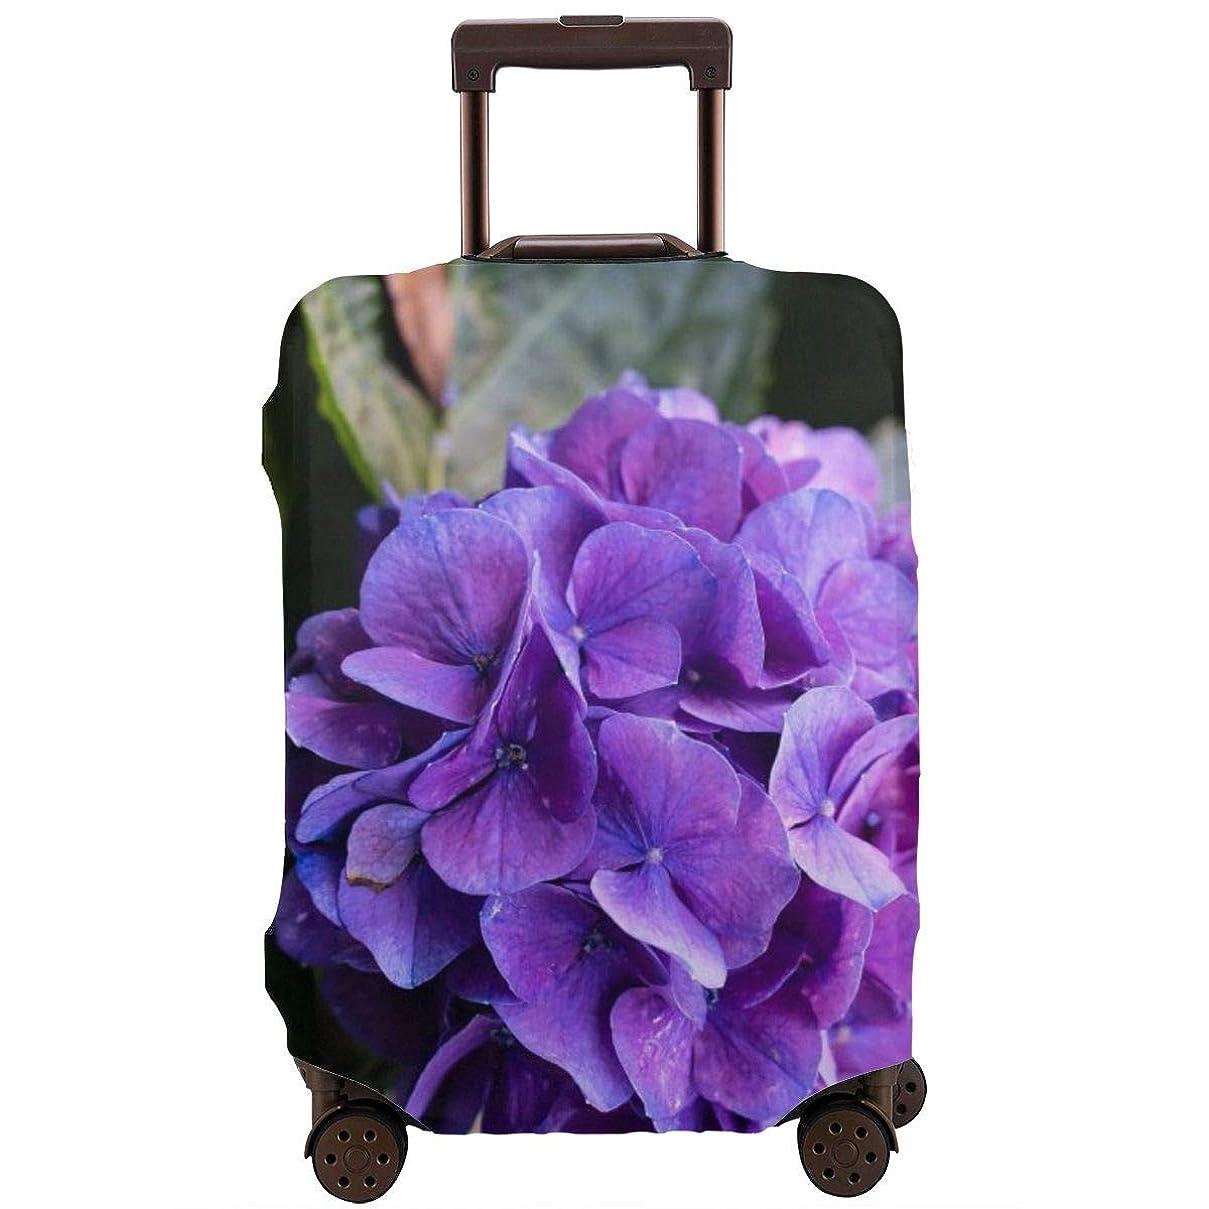 アリ好戦的な黒人スーツケースカバー ラゲッジカバー キャリーカバー あじさい 紫色 防塵カバー トランクカバー